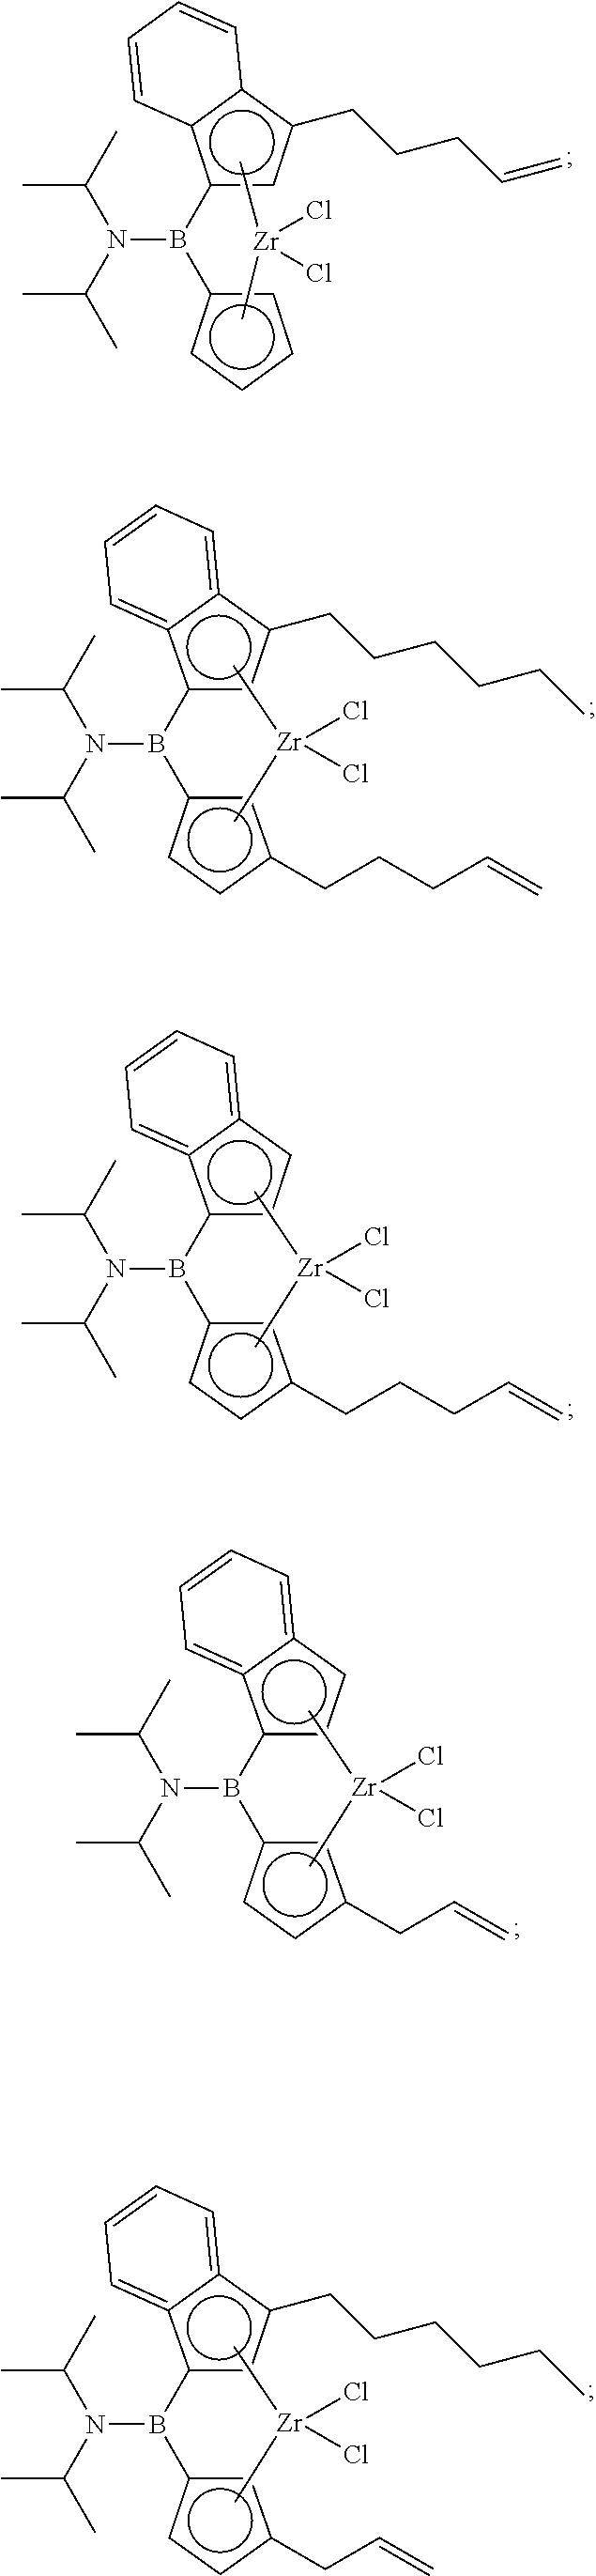 Figure US20150141598A1-20150521-C00003